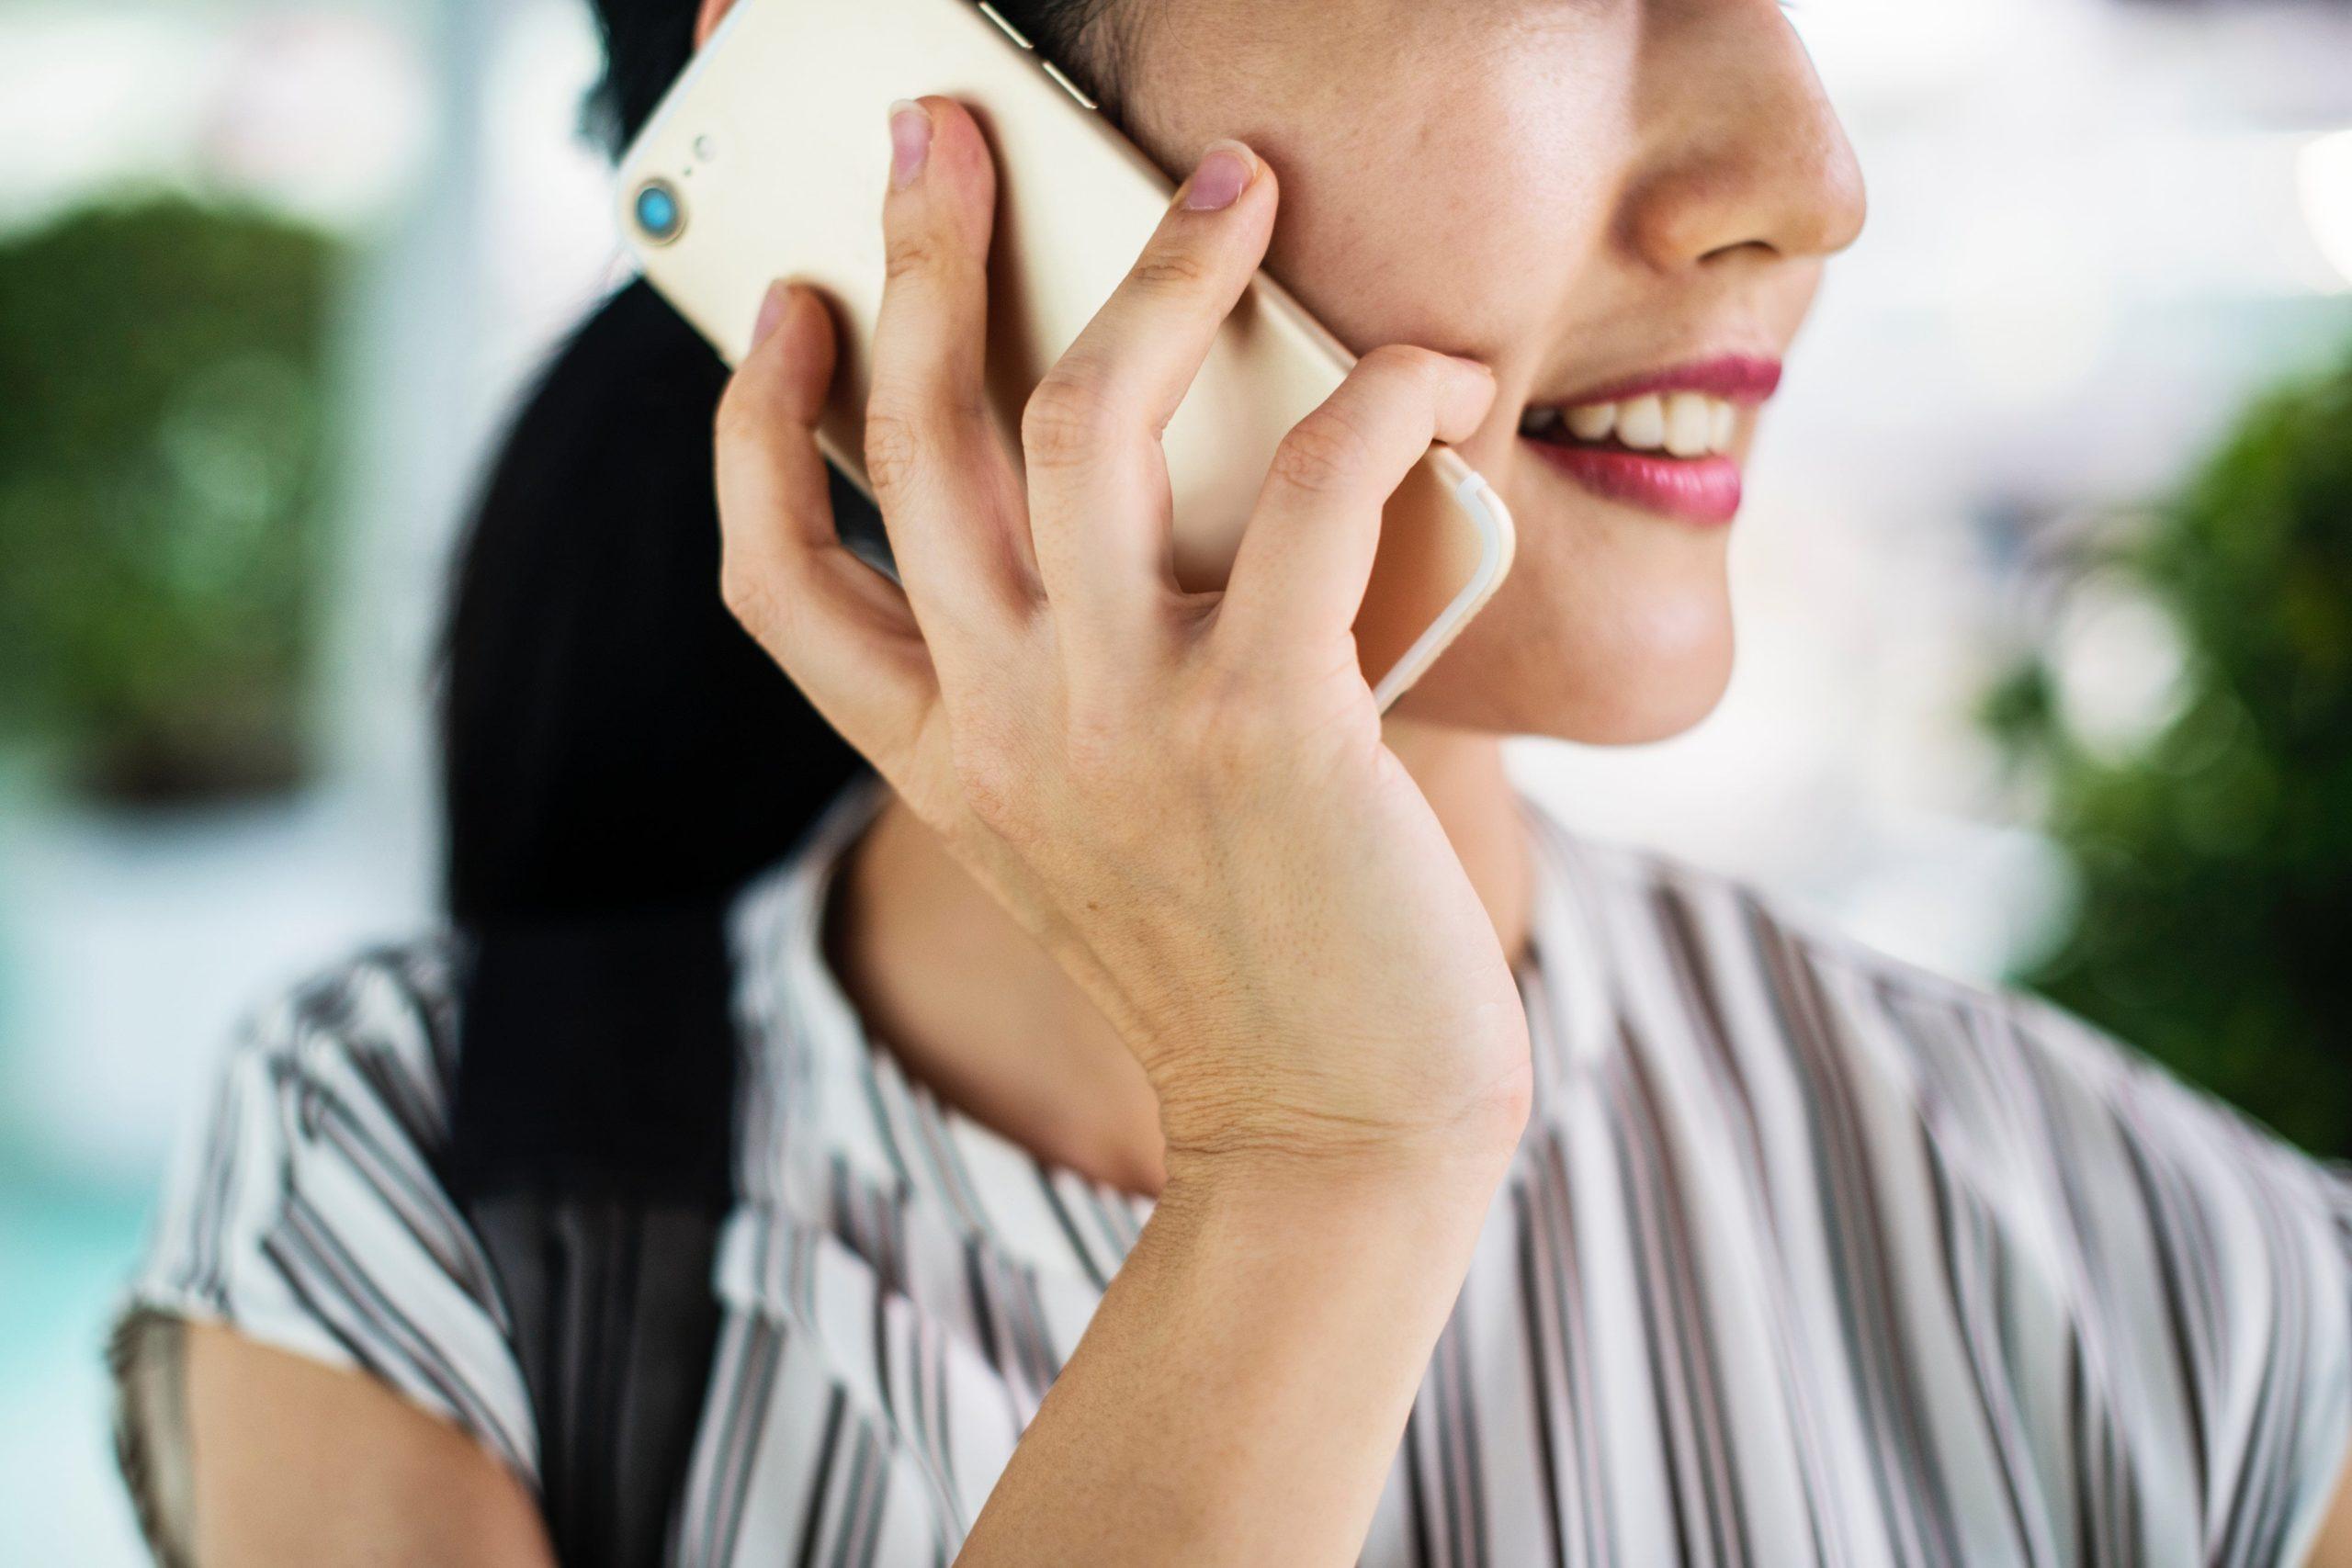 Customer making a phone call.